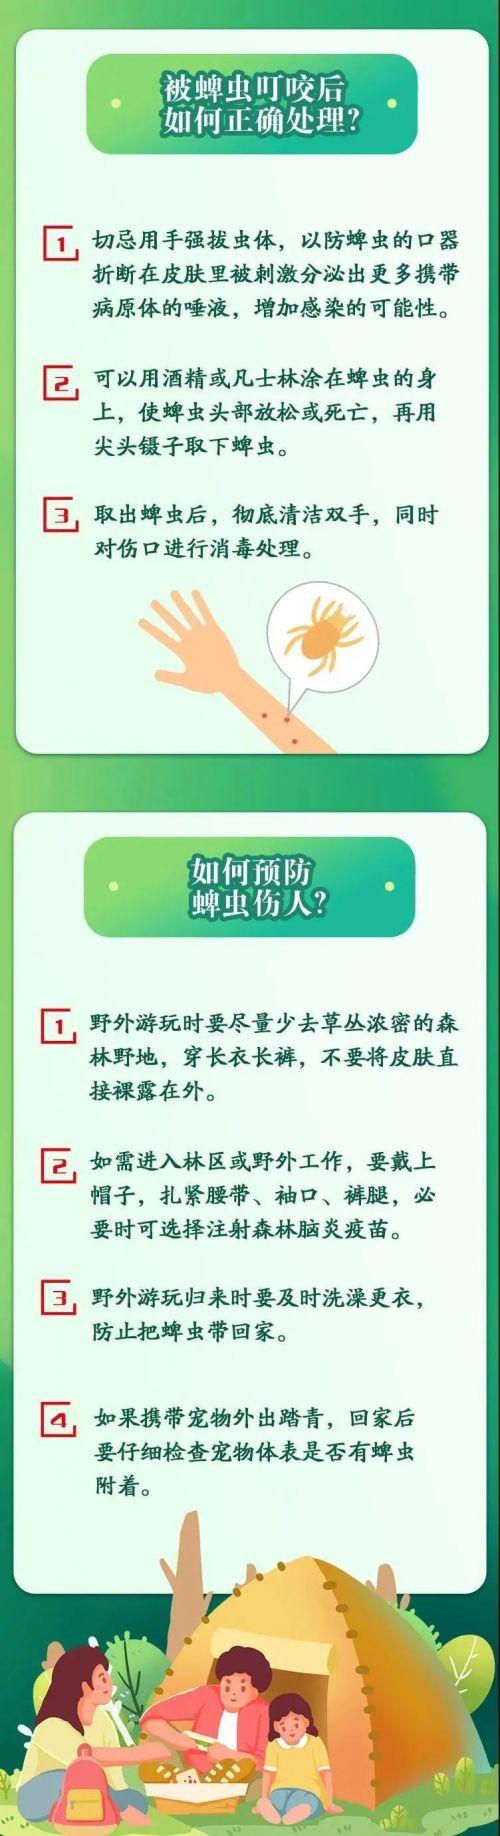 福州疾控提醒:春游正当时,当心蜱虫叮咬